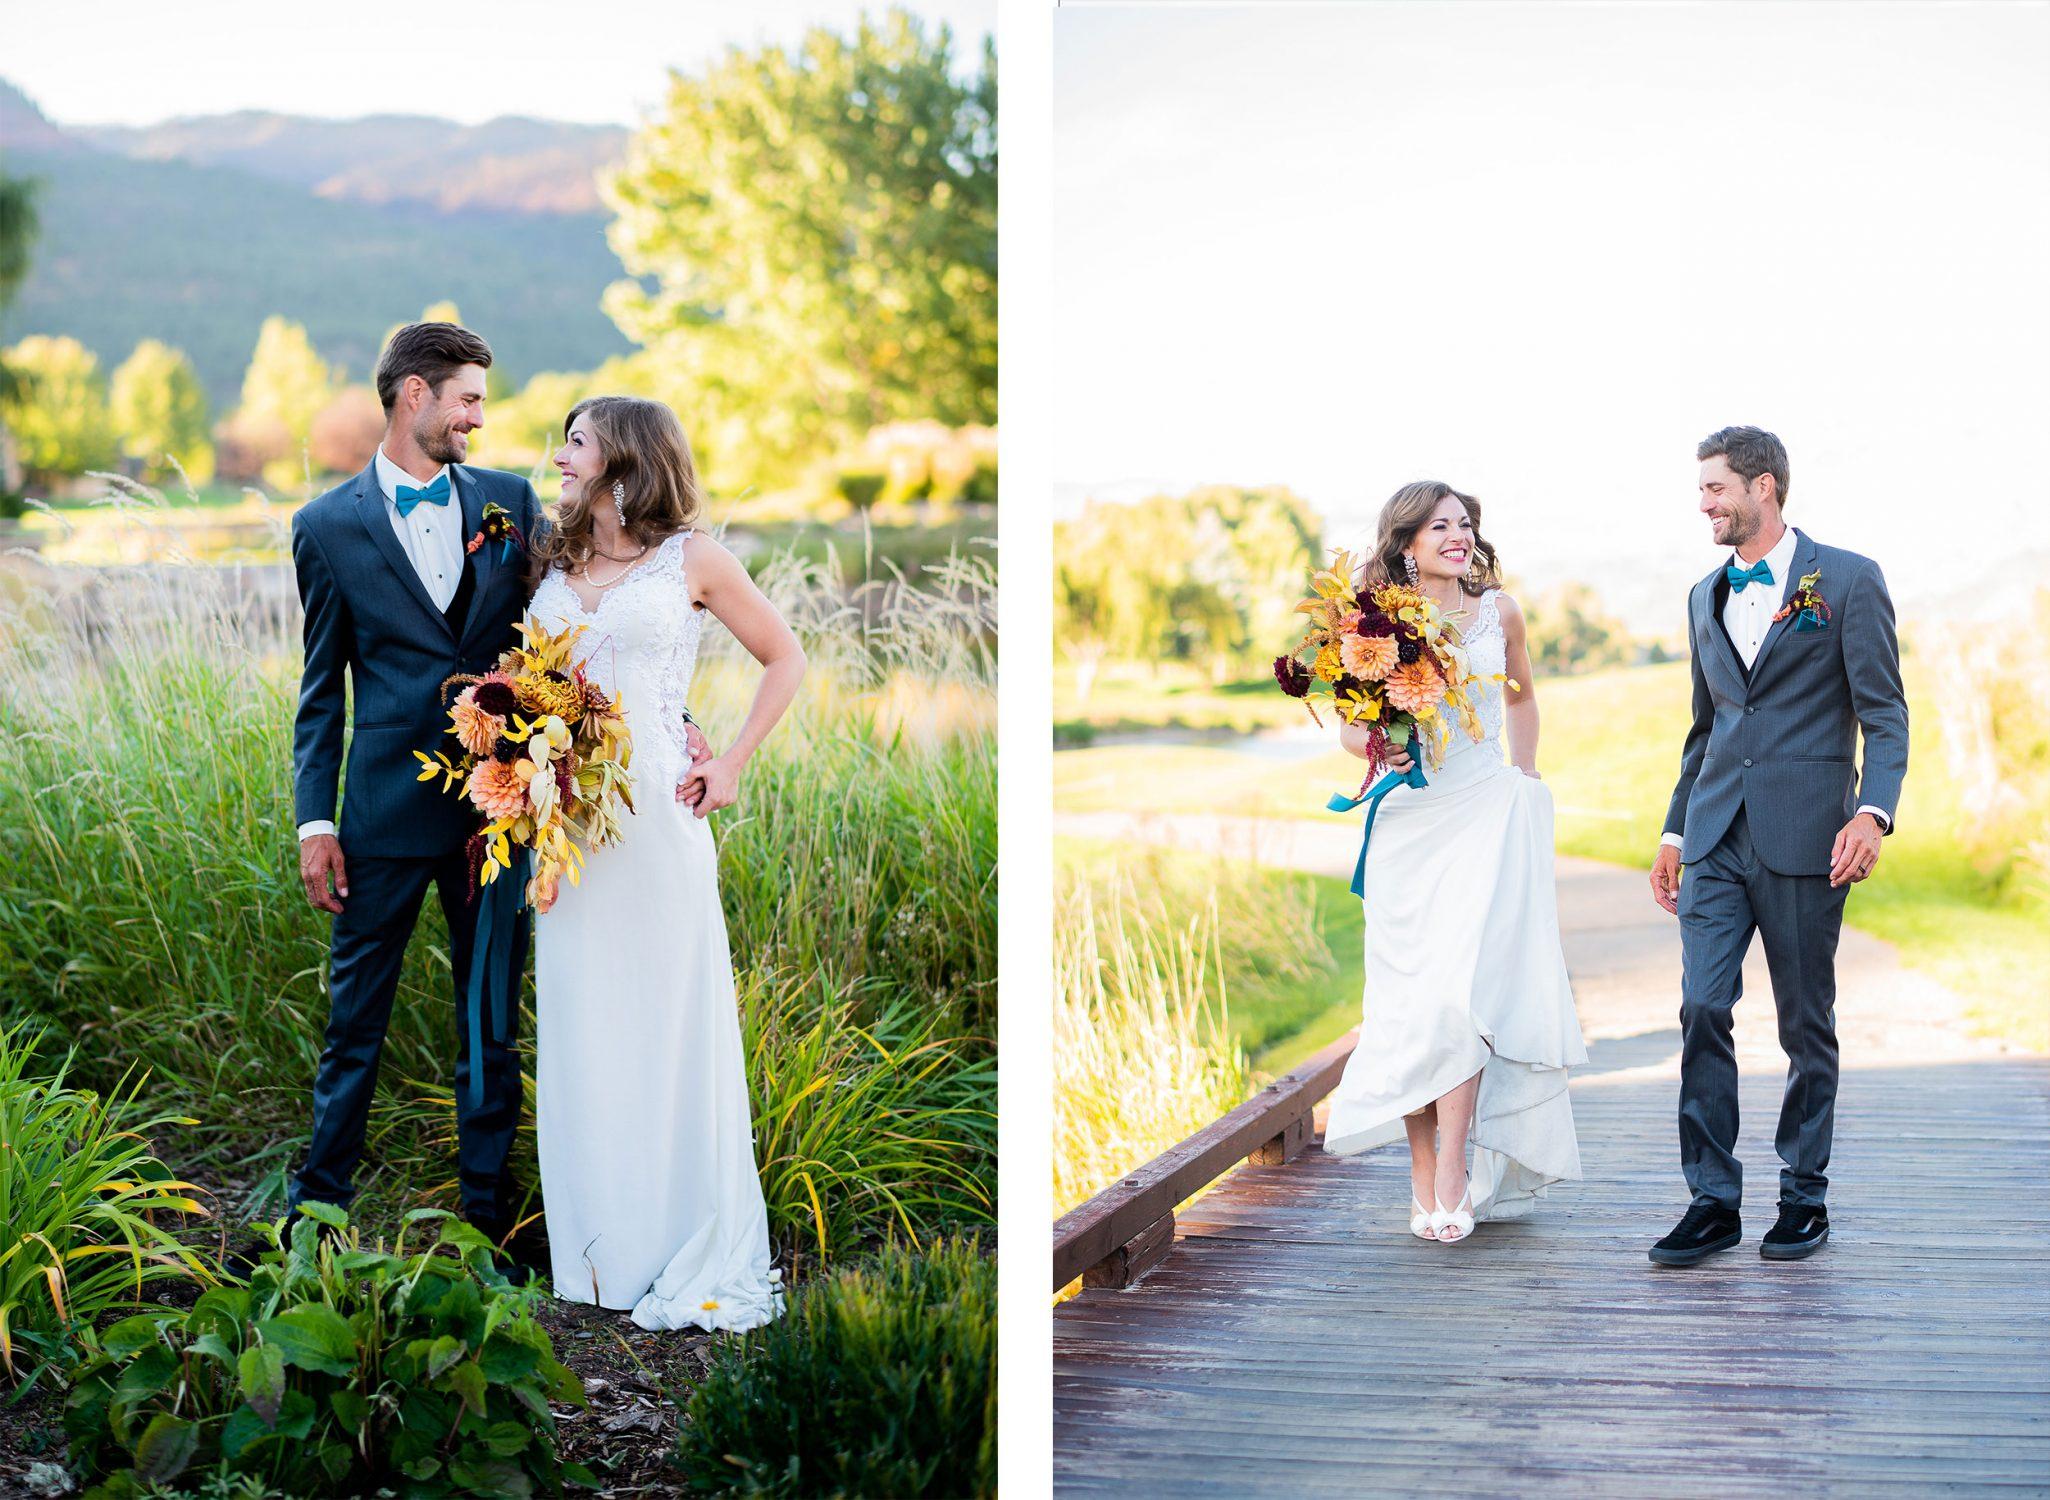 Happy Bride & Groom at Dalton Ranch Golf Club, Durango Colorado